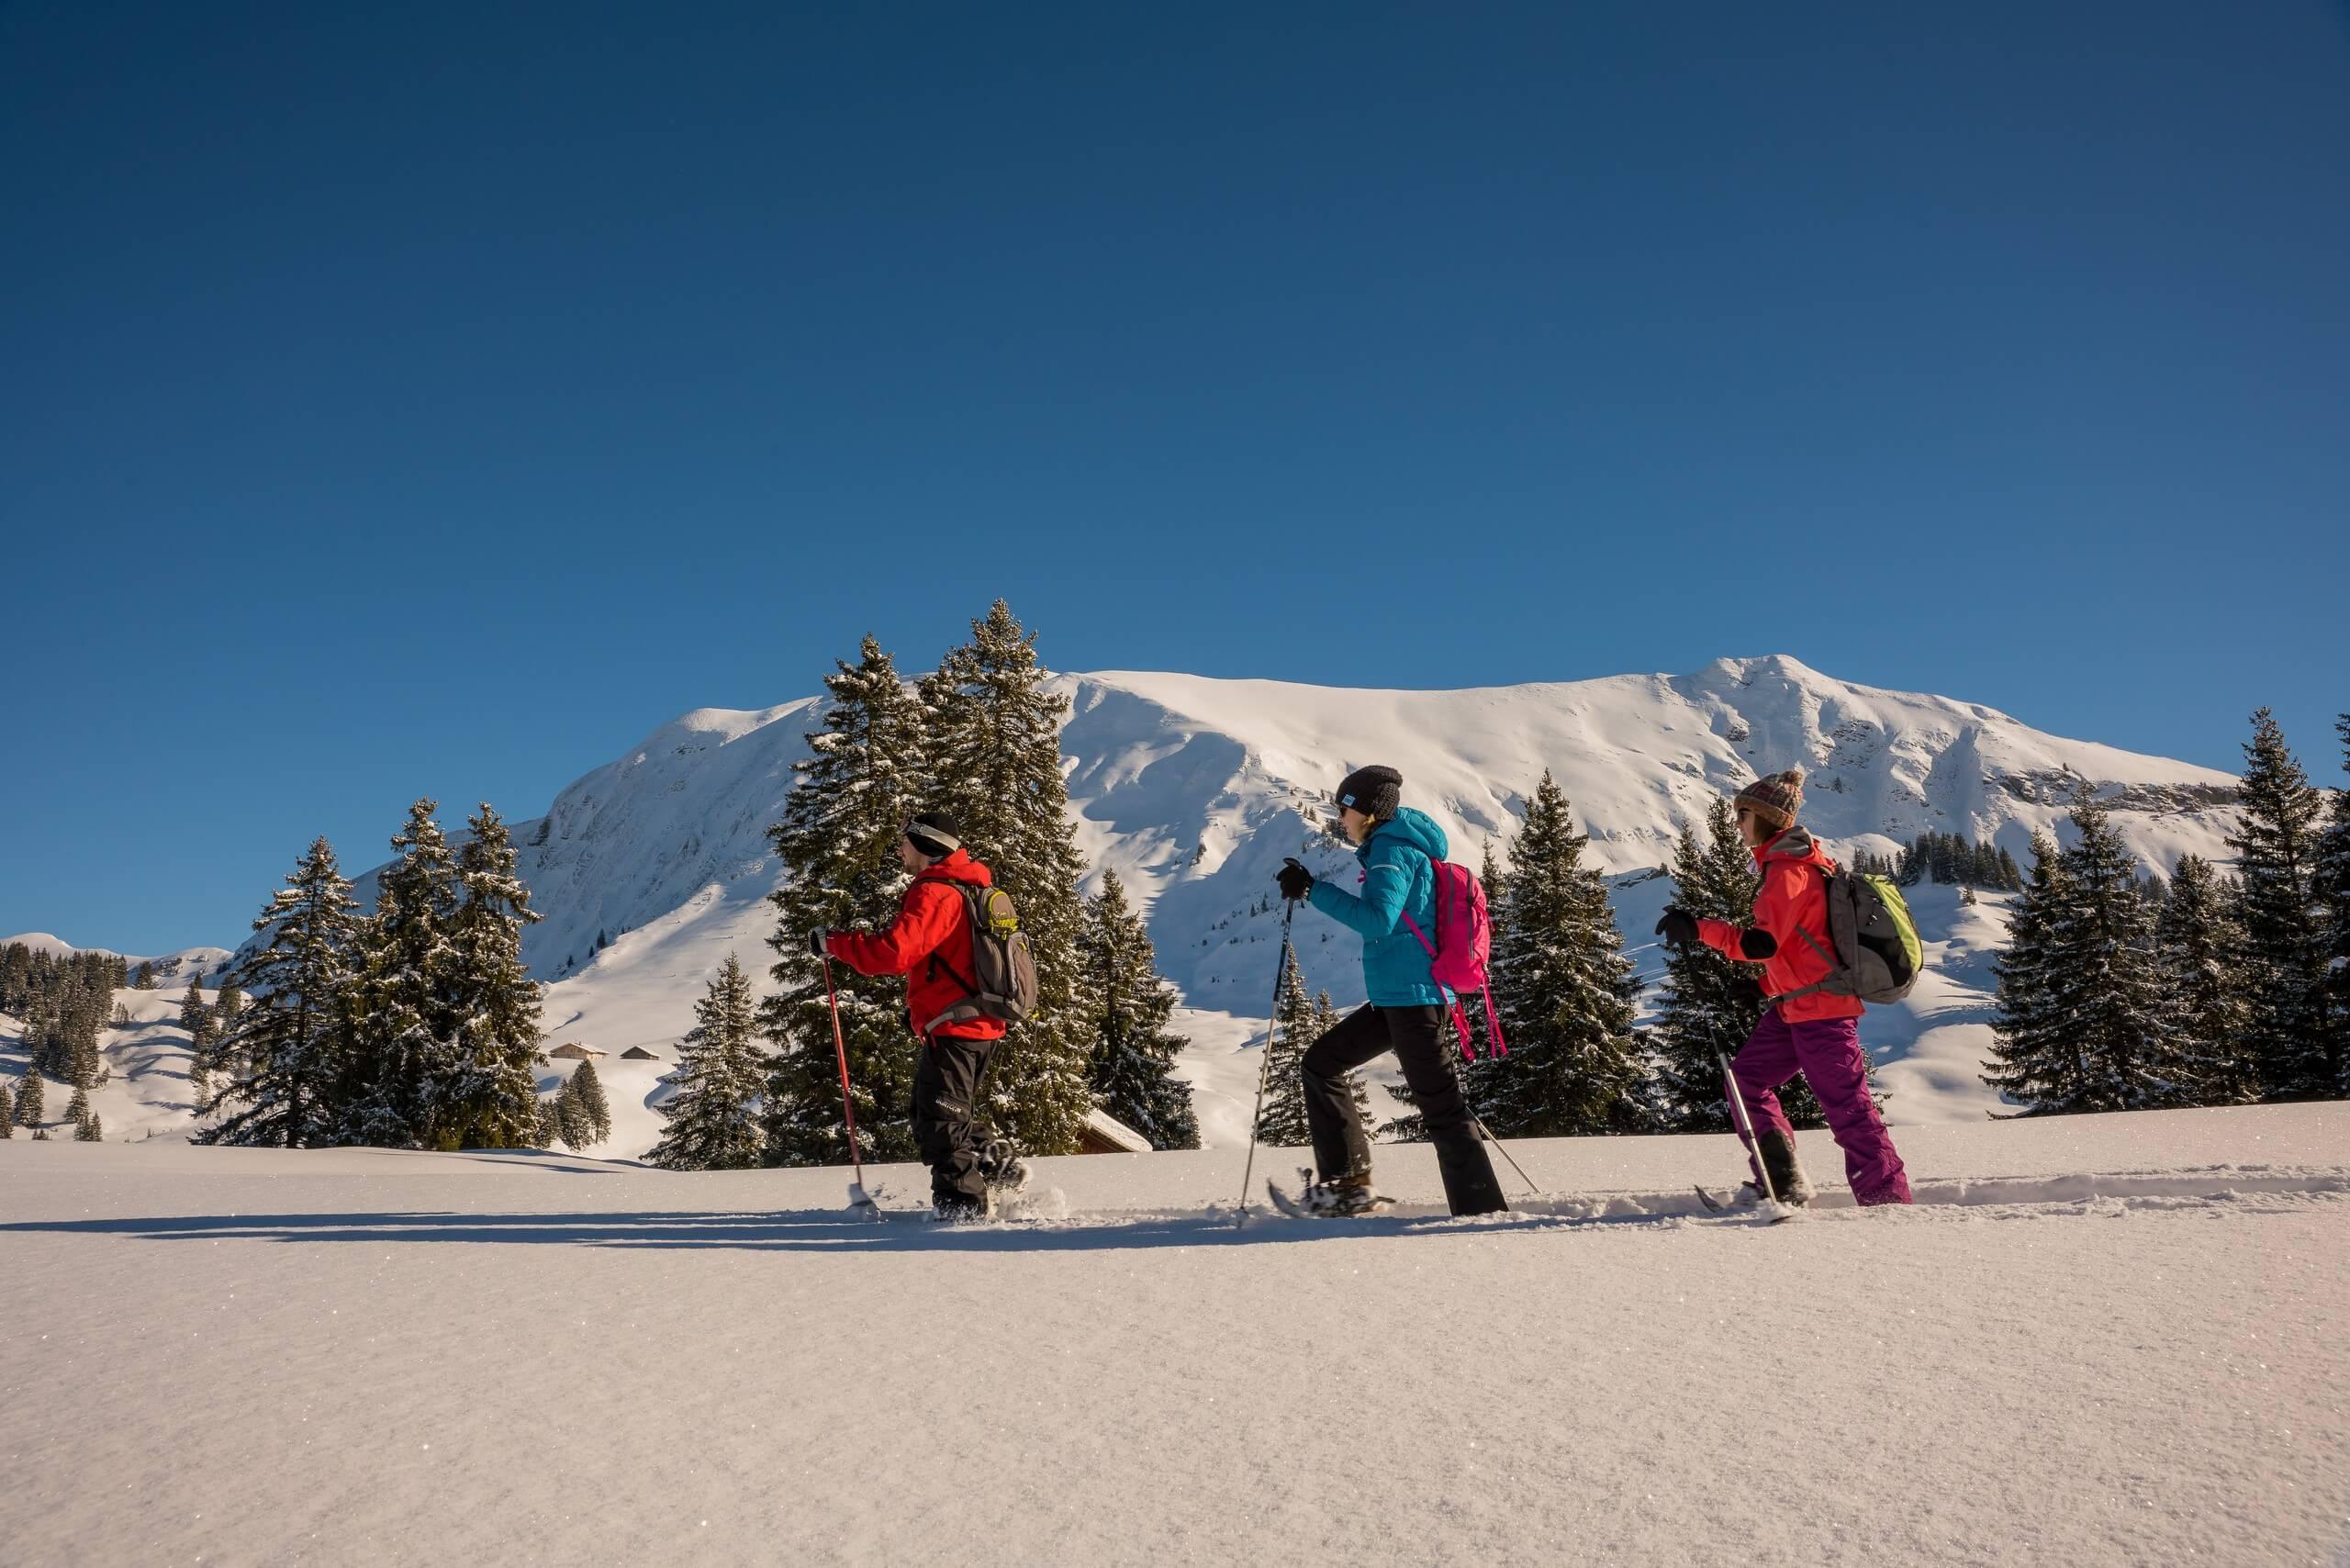 habkern-lombachalp-winter-schneeschuhlaufen-gruppe-tannen-landschaft-gefuehrte-touren-alplandschaften